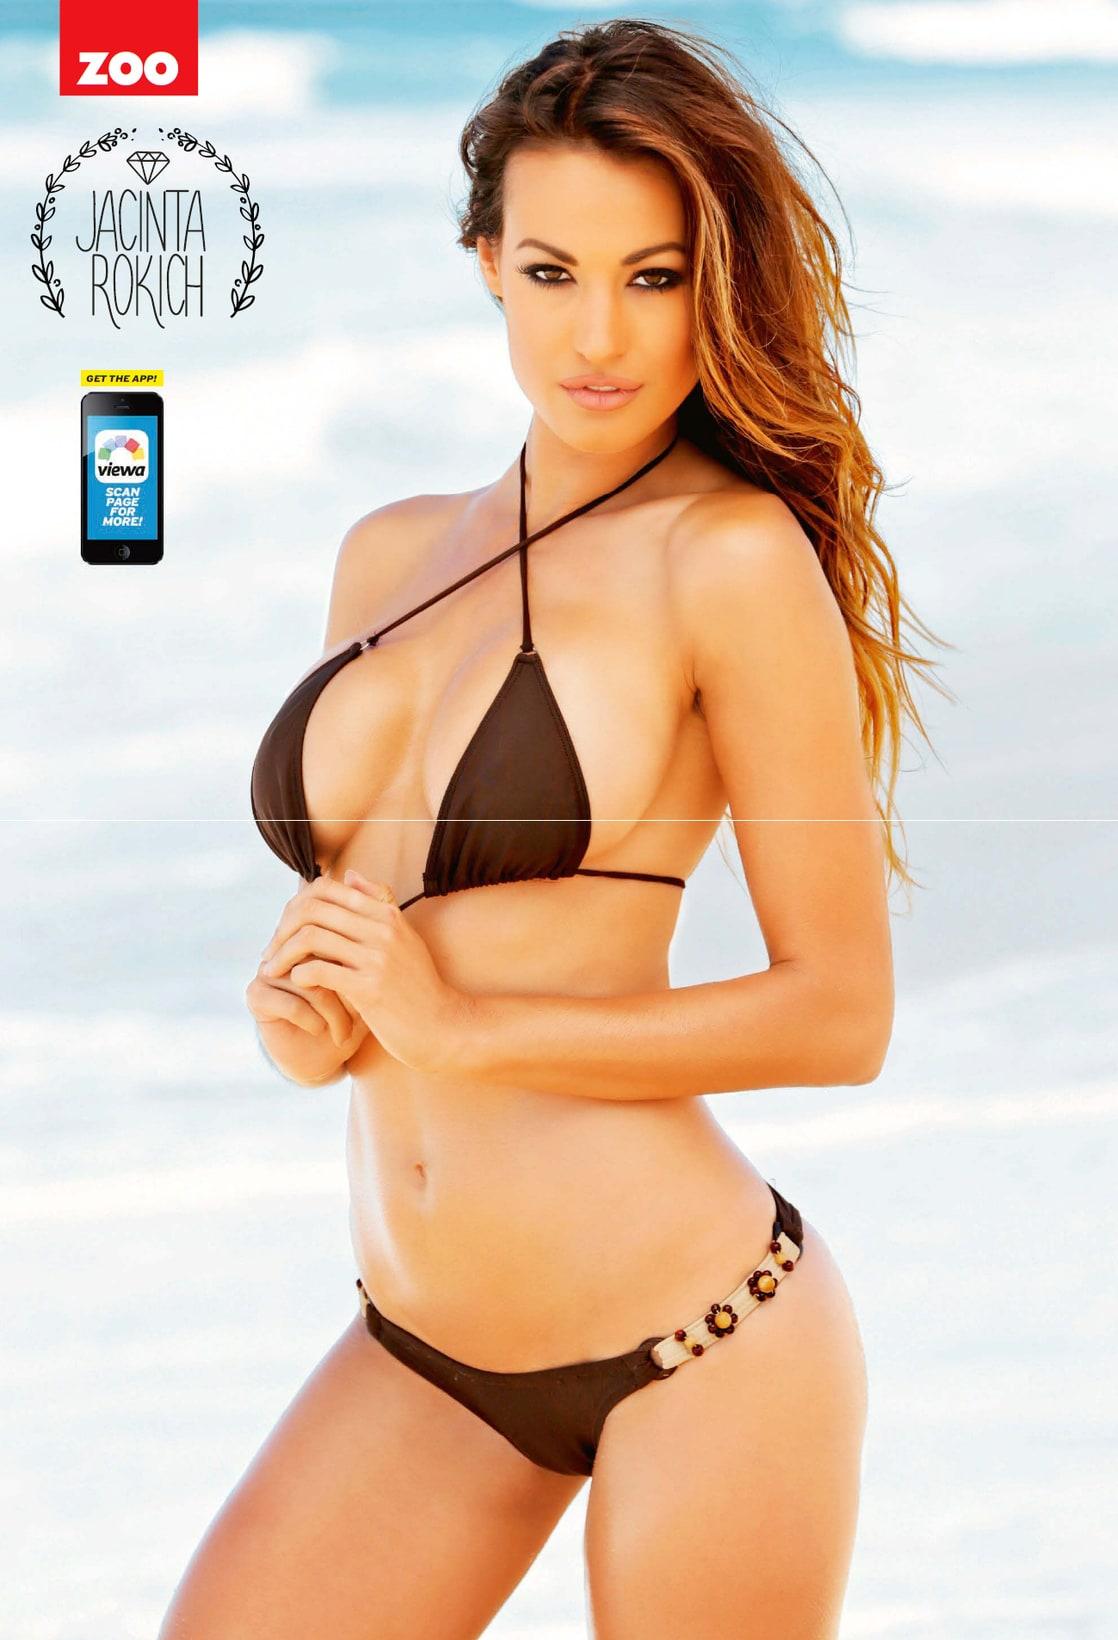 Bikini Jacinta Rokich naked (58 pics), Bikini